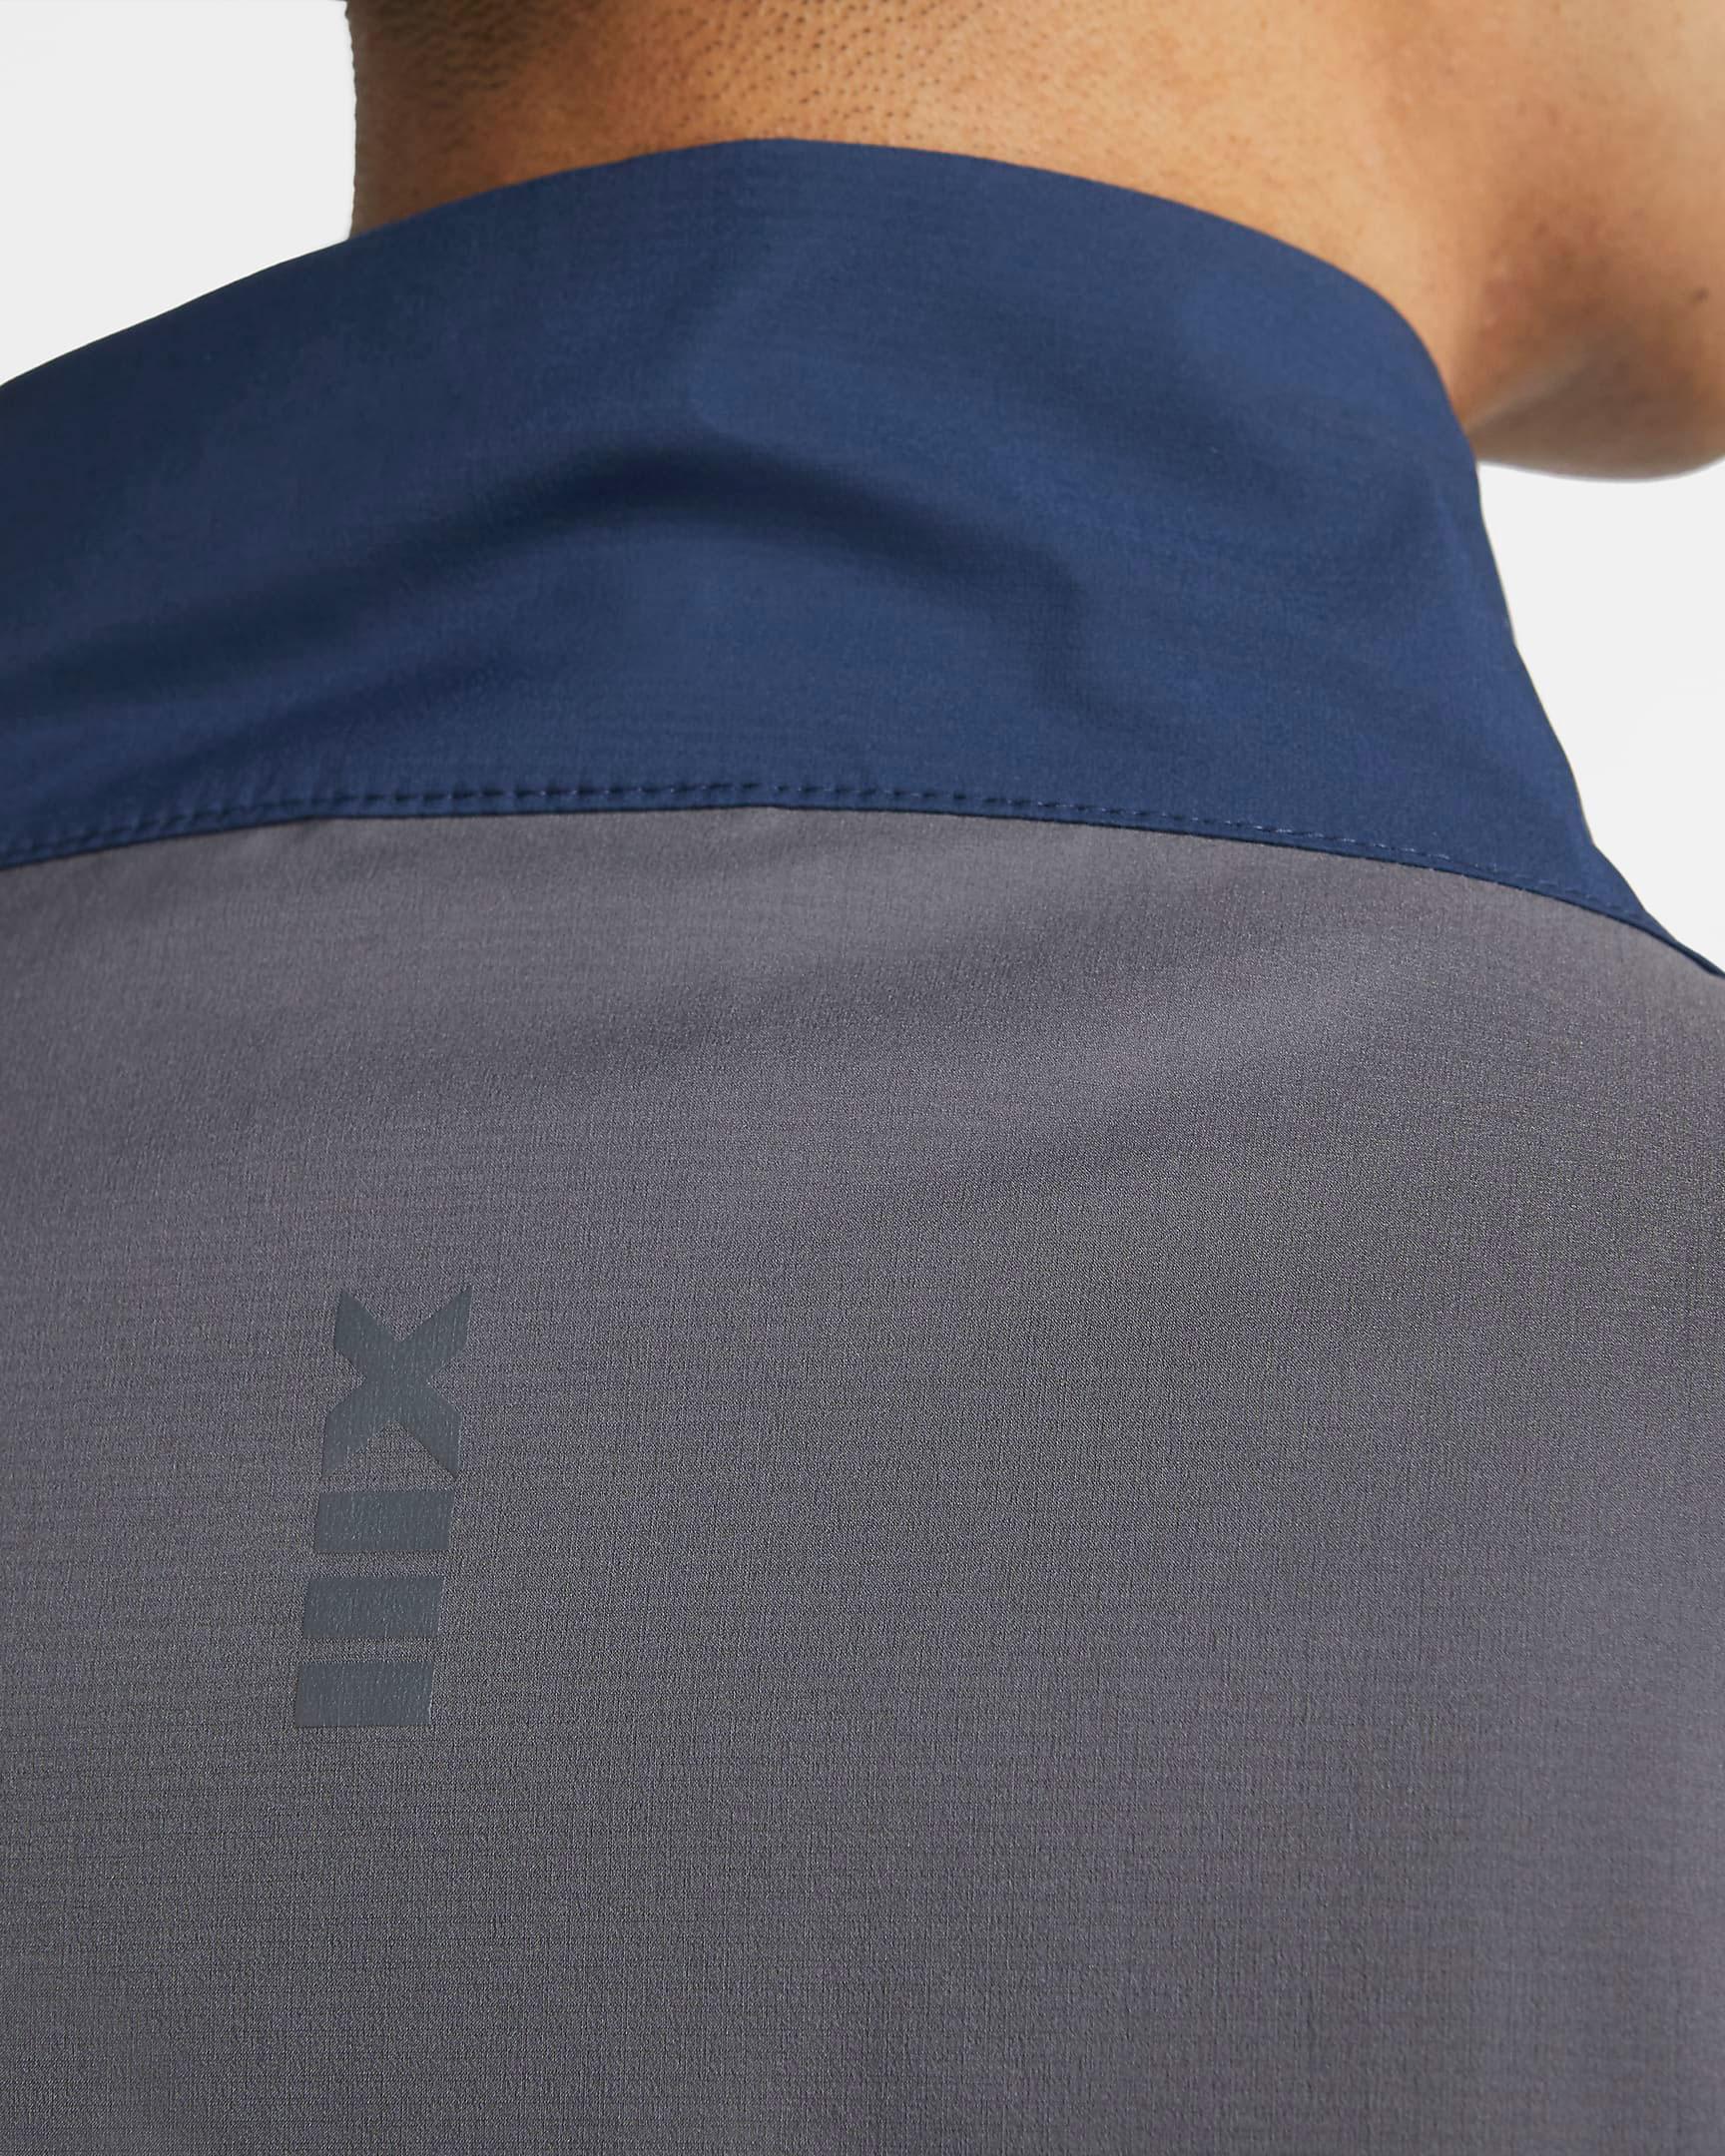 air-jordan-13-flint-jacket-4